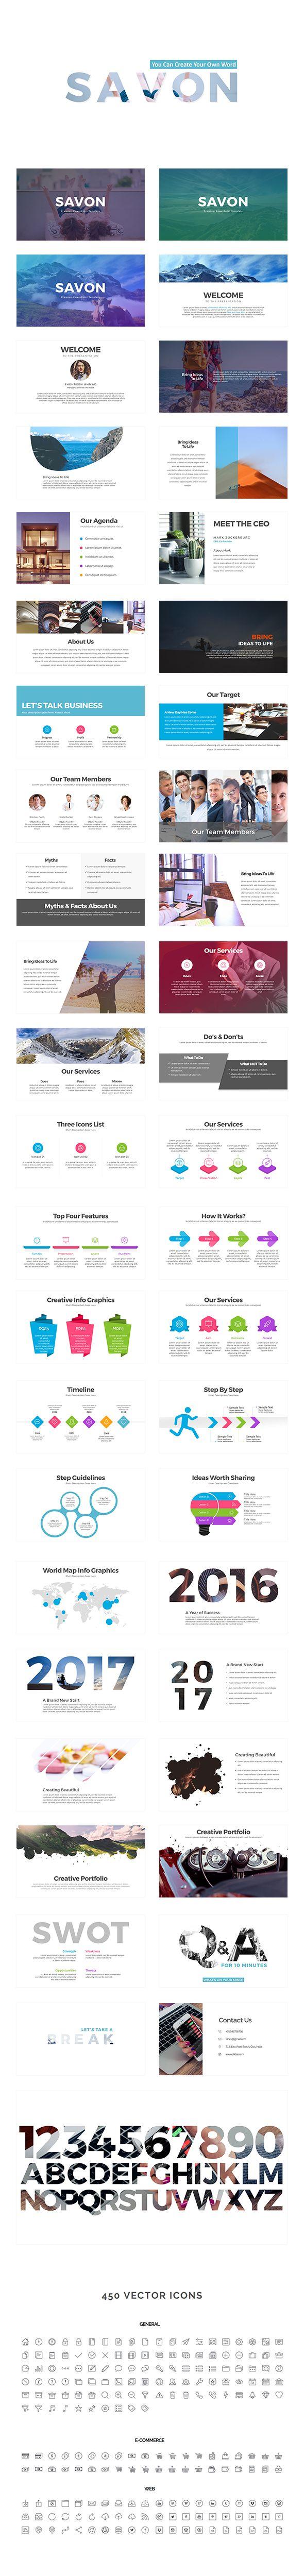 Savon PowerPoint Presentation Template — Powerpoint PPT #powerpoint presentations #best powerpoint • Download ➝ https://graphicriver.net/item/savon-powerpoint-template/18966639?ref=pxcr